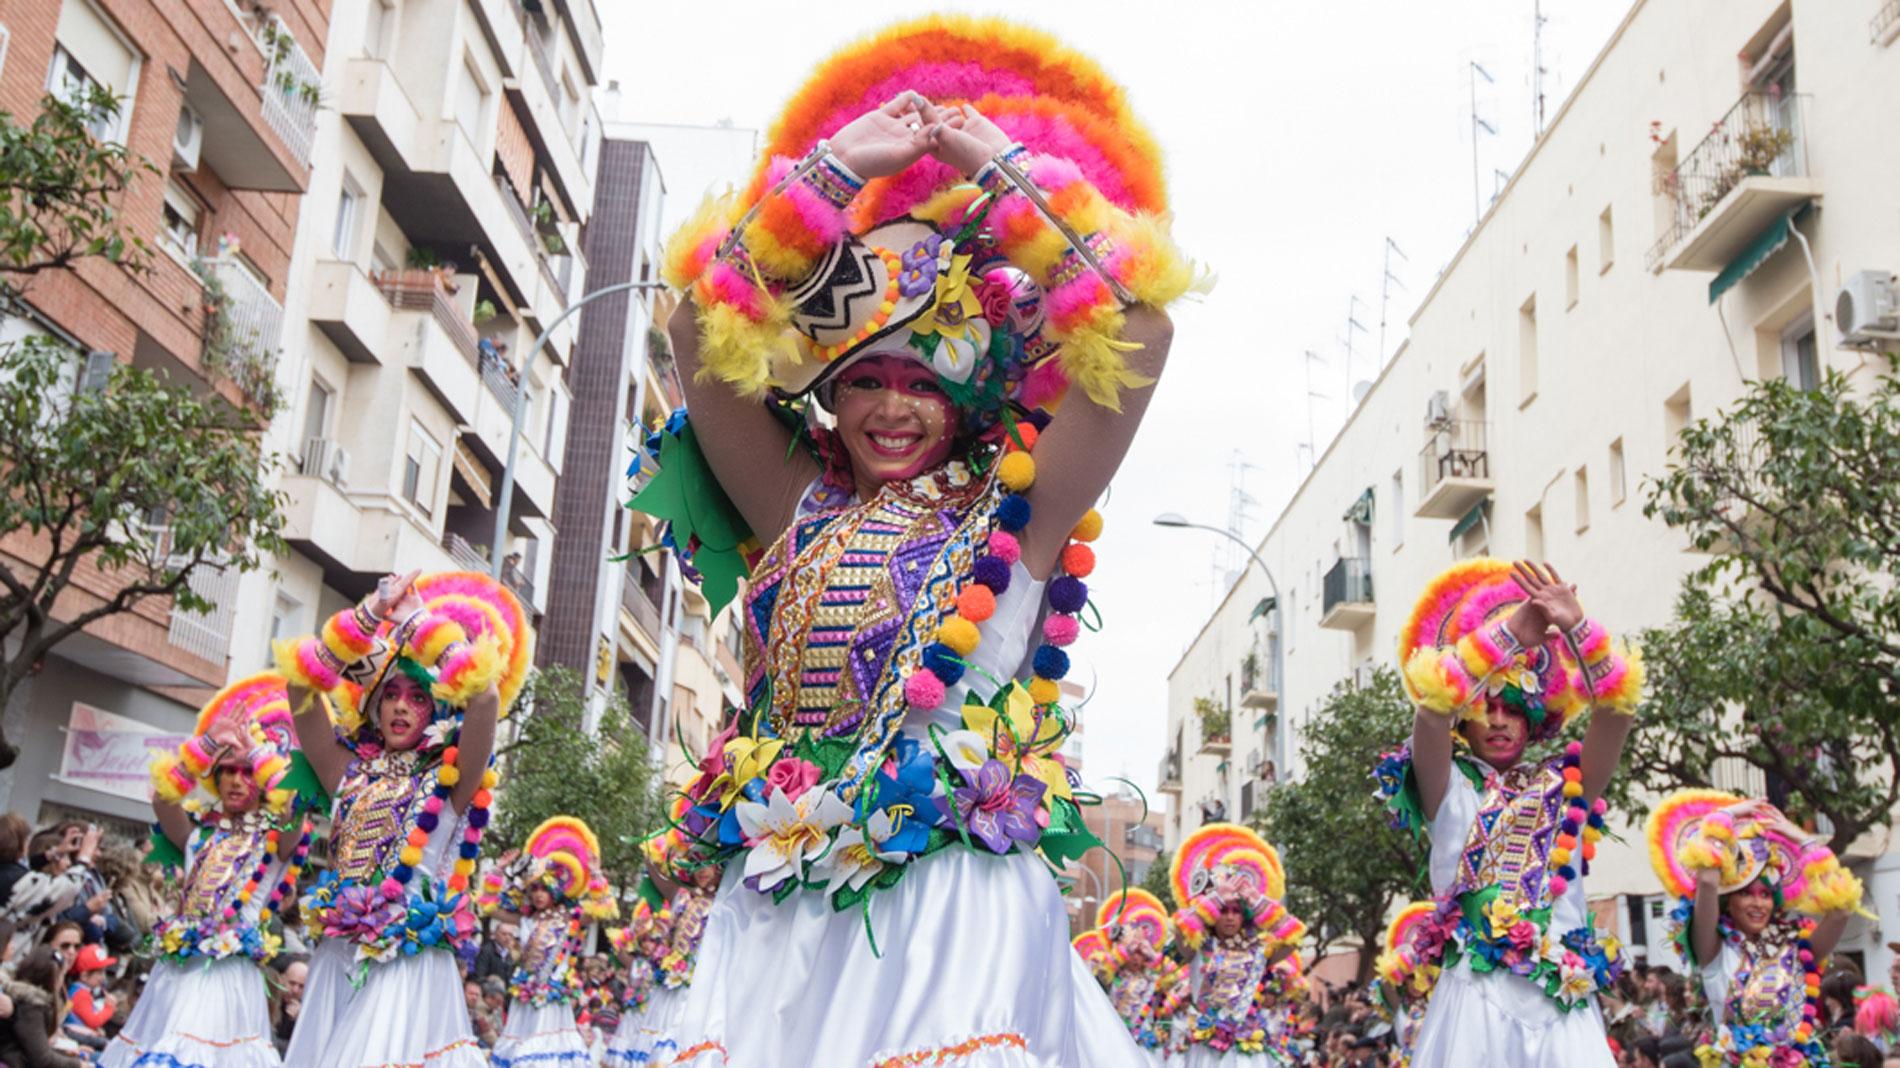 Comienzan el emblemático Carnaval en ciudades como Cádiz, Santa Cruz de Tenerife, Las Palmas y Badajoz